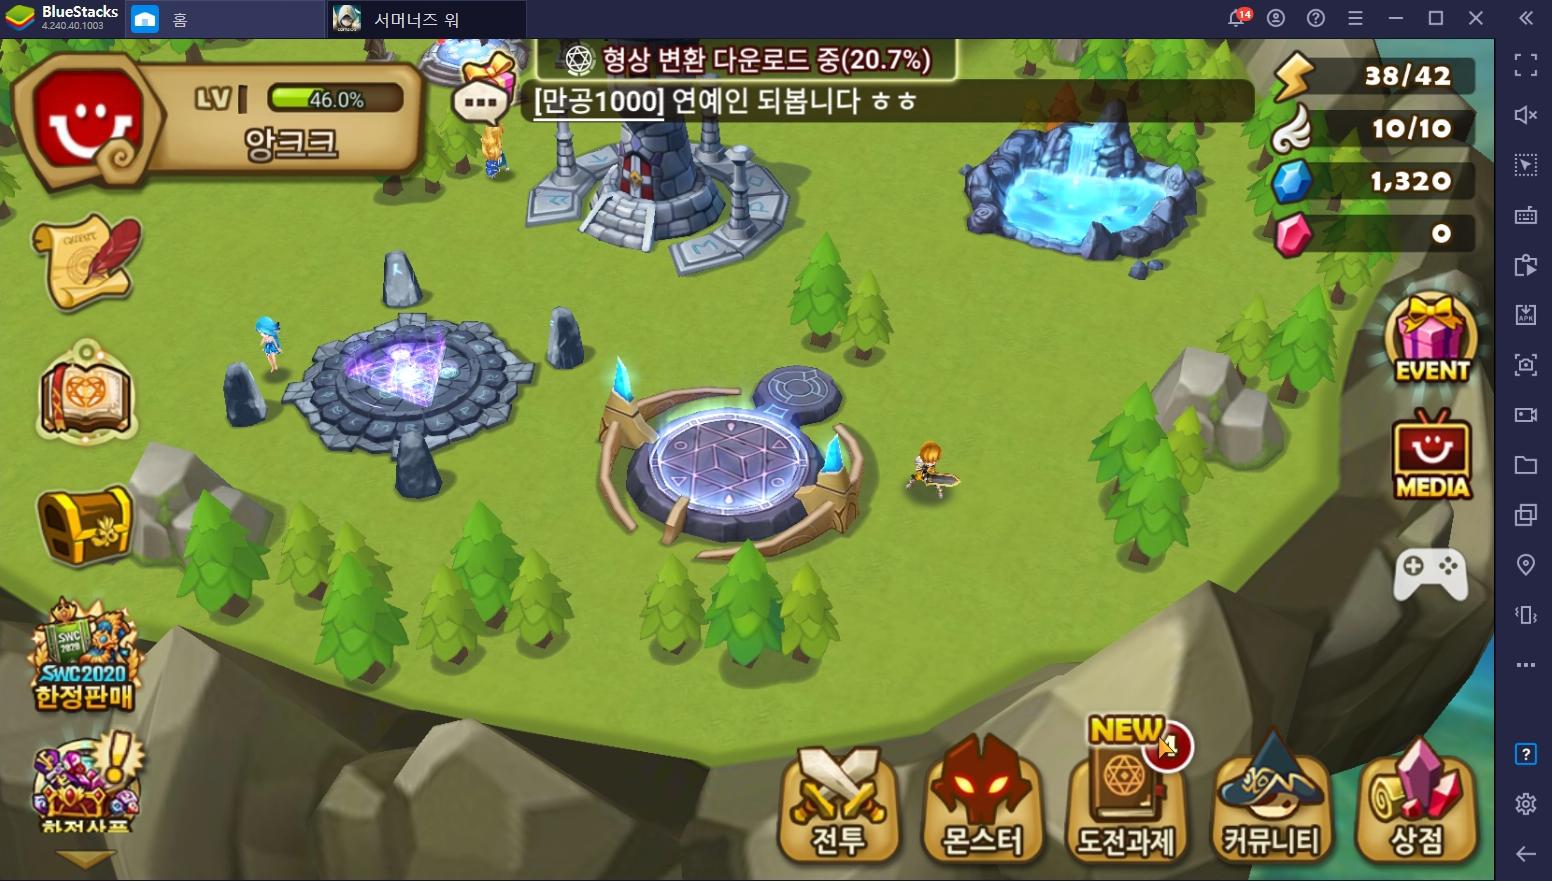 전세계를 강타한 컴투스의 수집형 RPG, 서머너즈 워: 천공의 아레나를 PC로 만나봐요